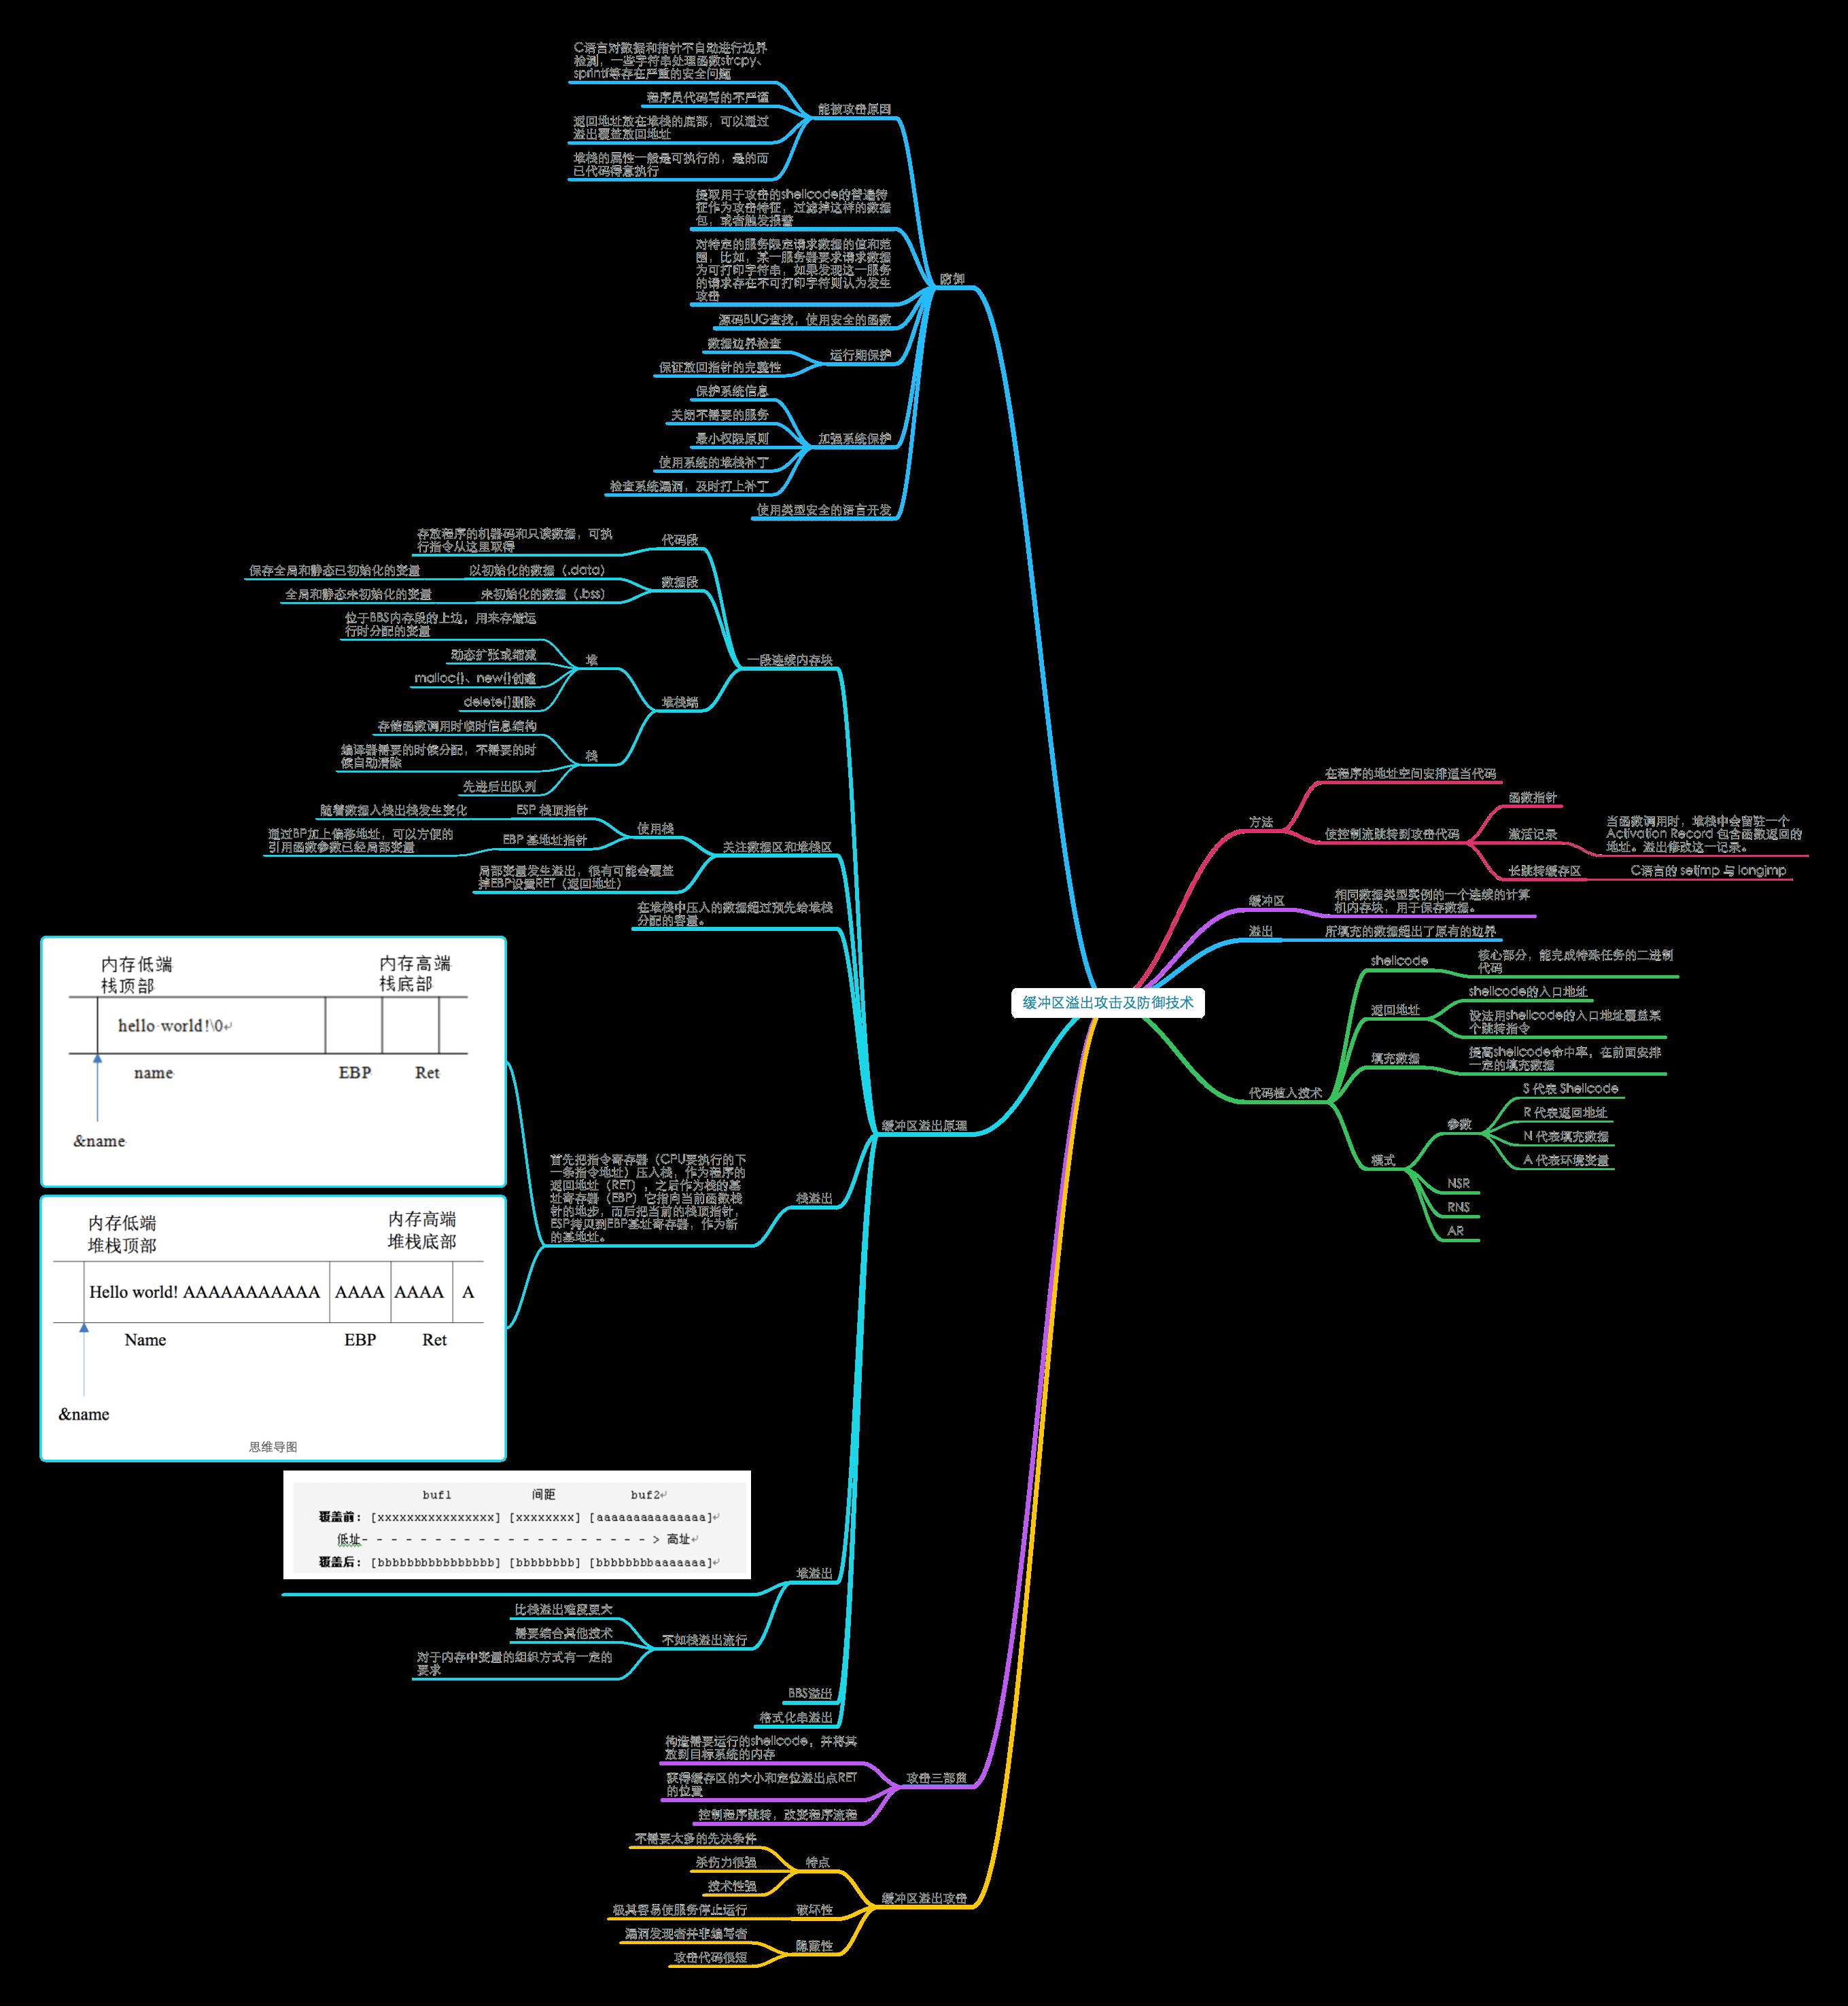 20180703_《网络安全思维导图》1.7缓冲区溢出攻击及防御技术.png